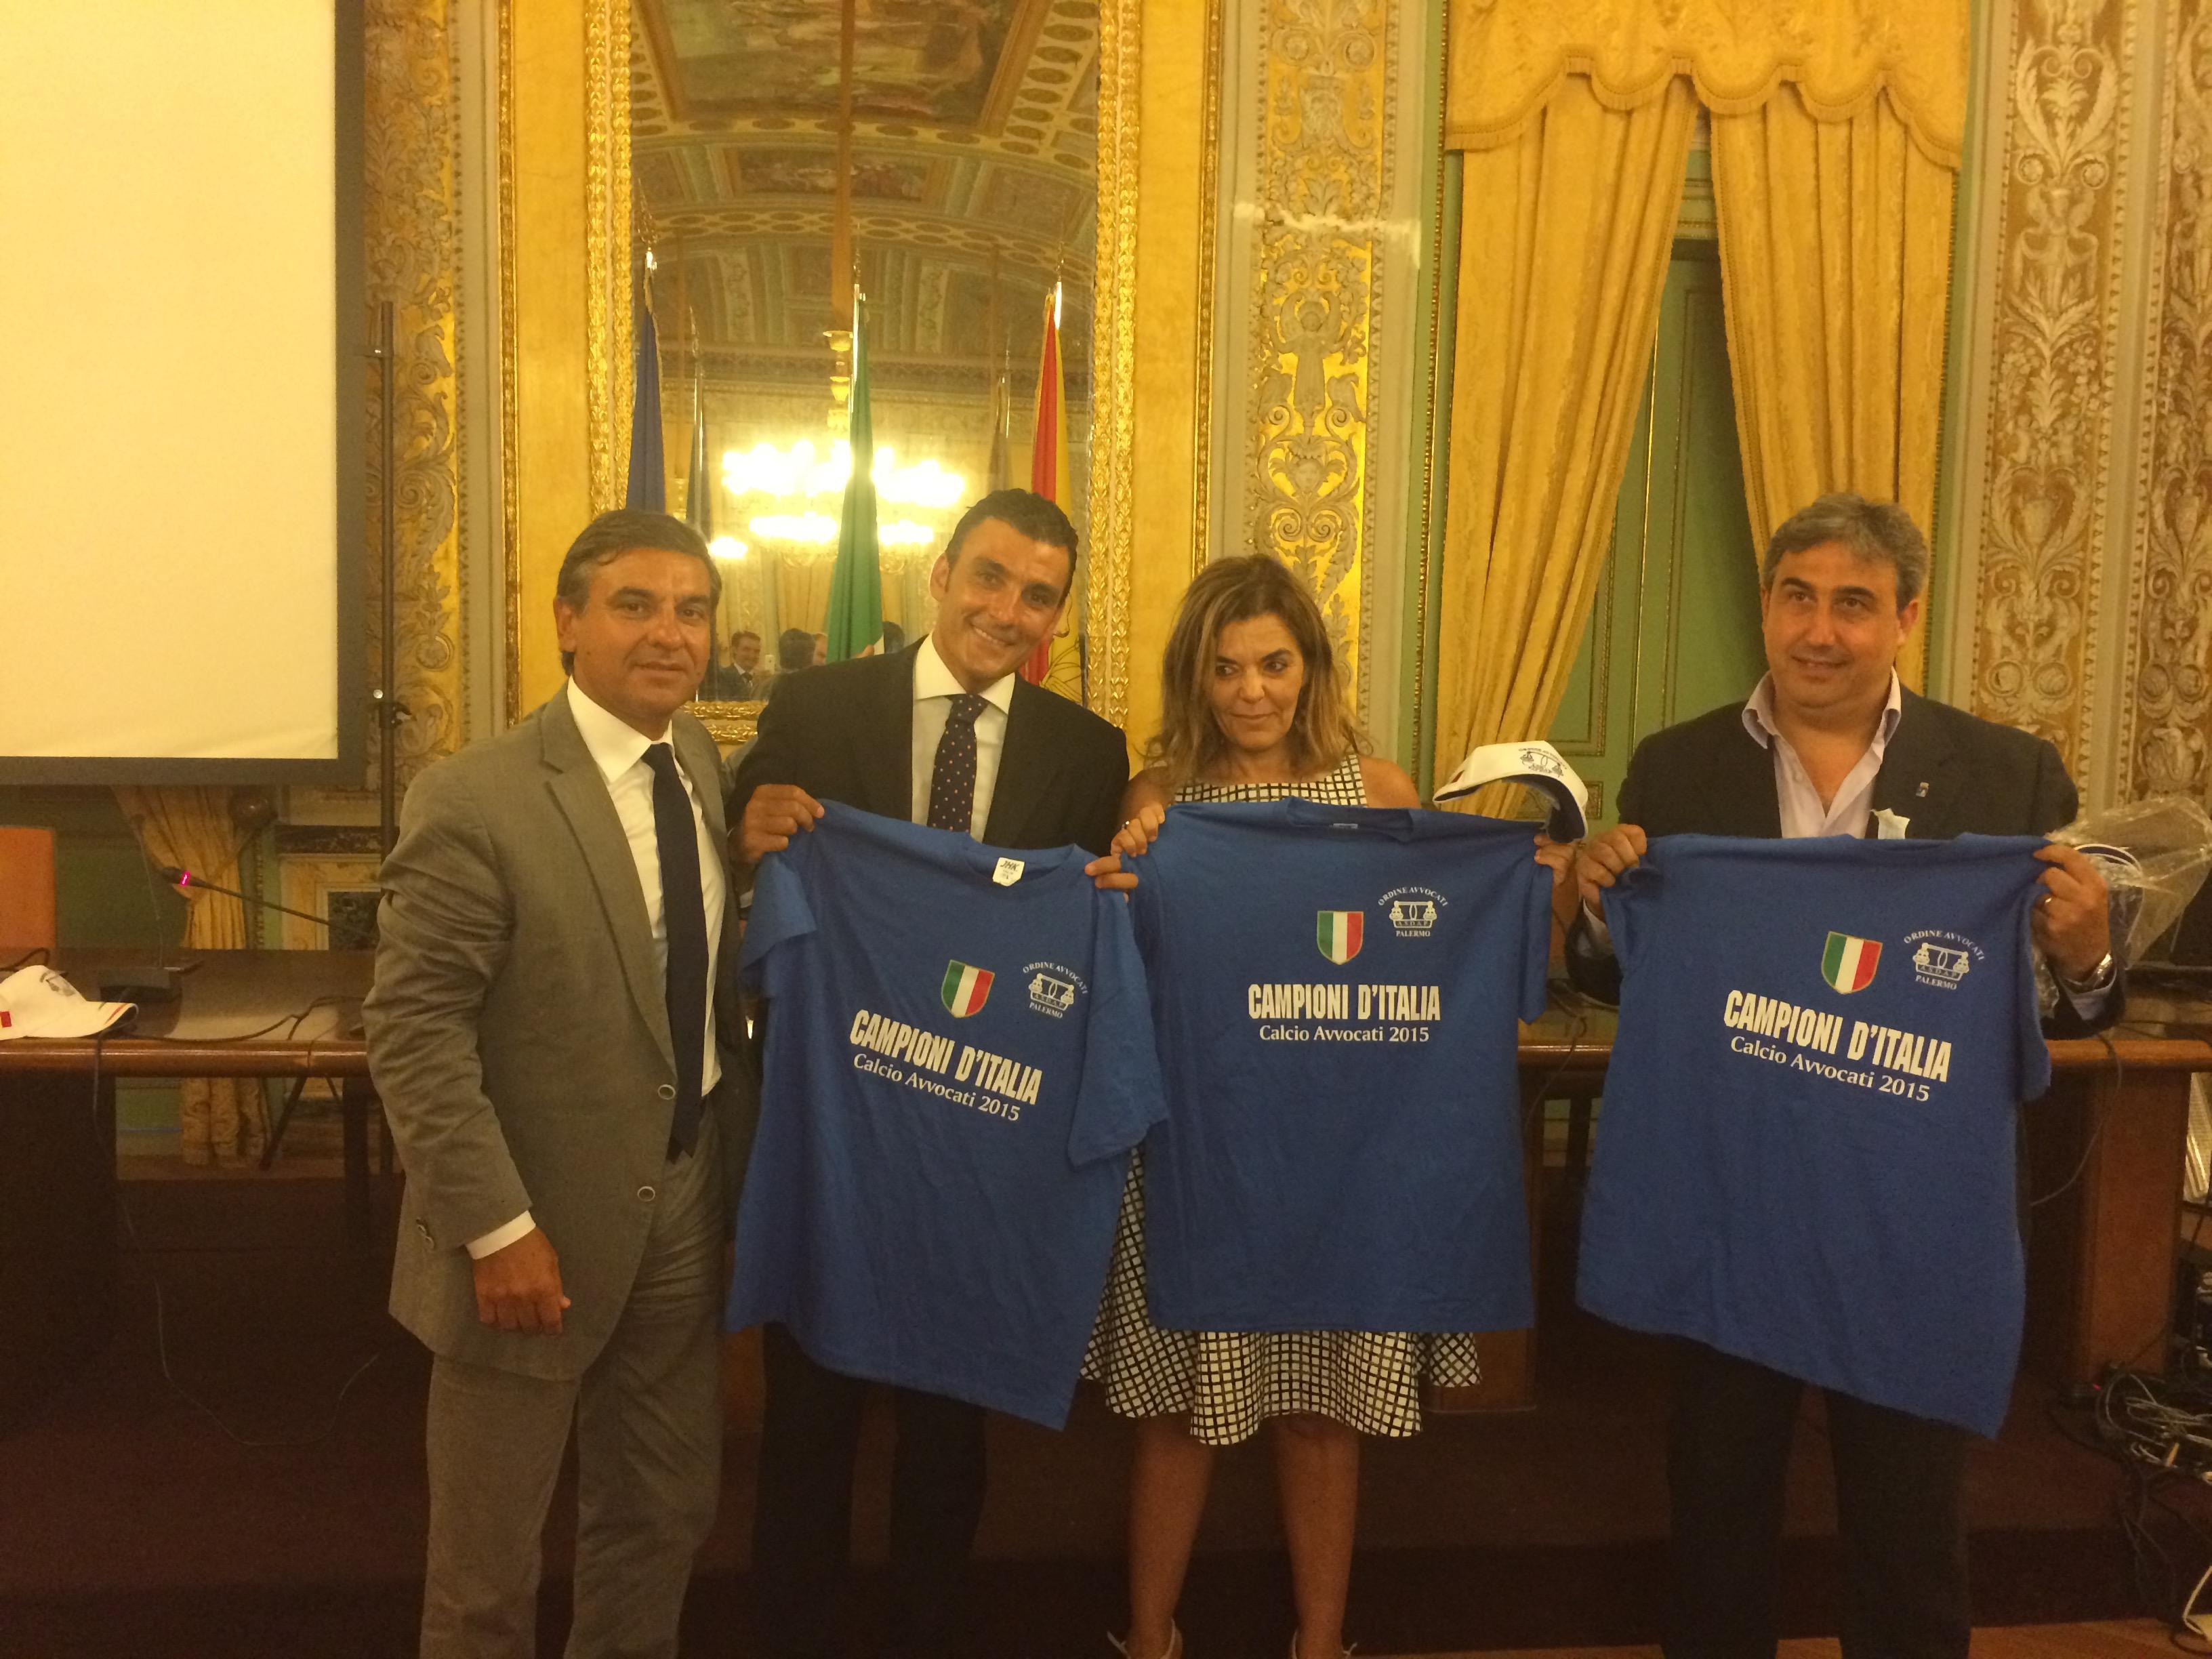 Calcio, Tamajo e Li Calzi premiano la rappresentativa dell'ordine degli avvocati